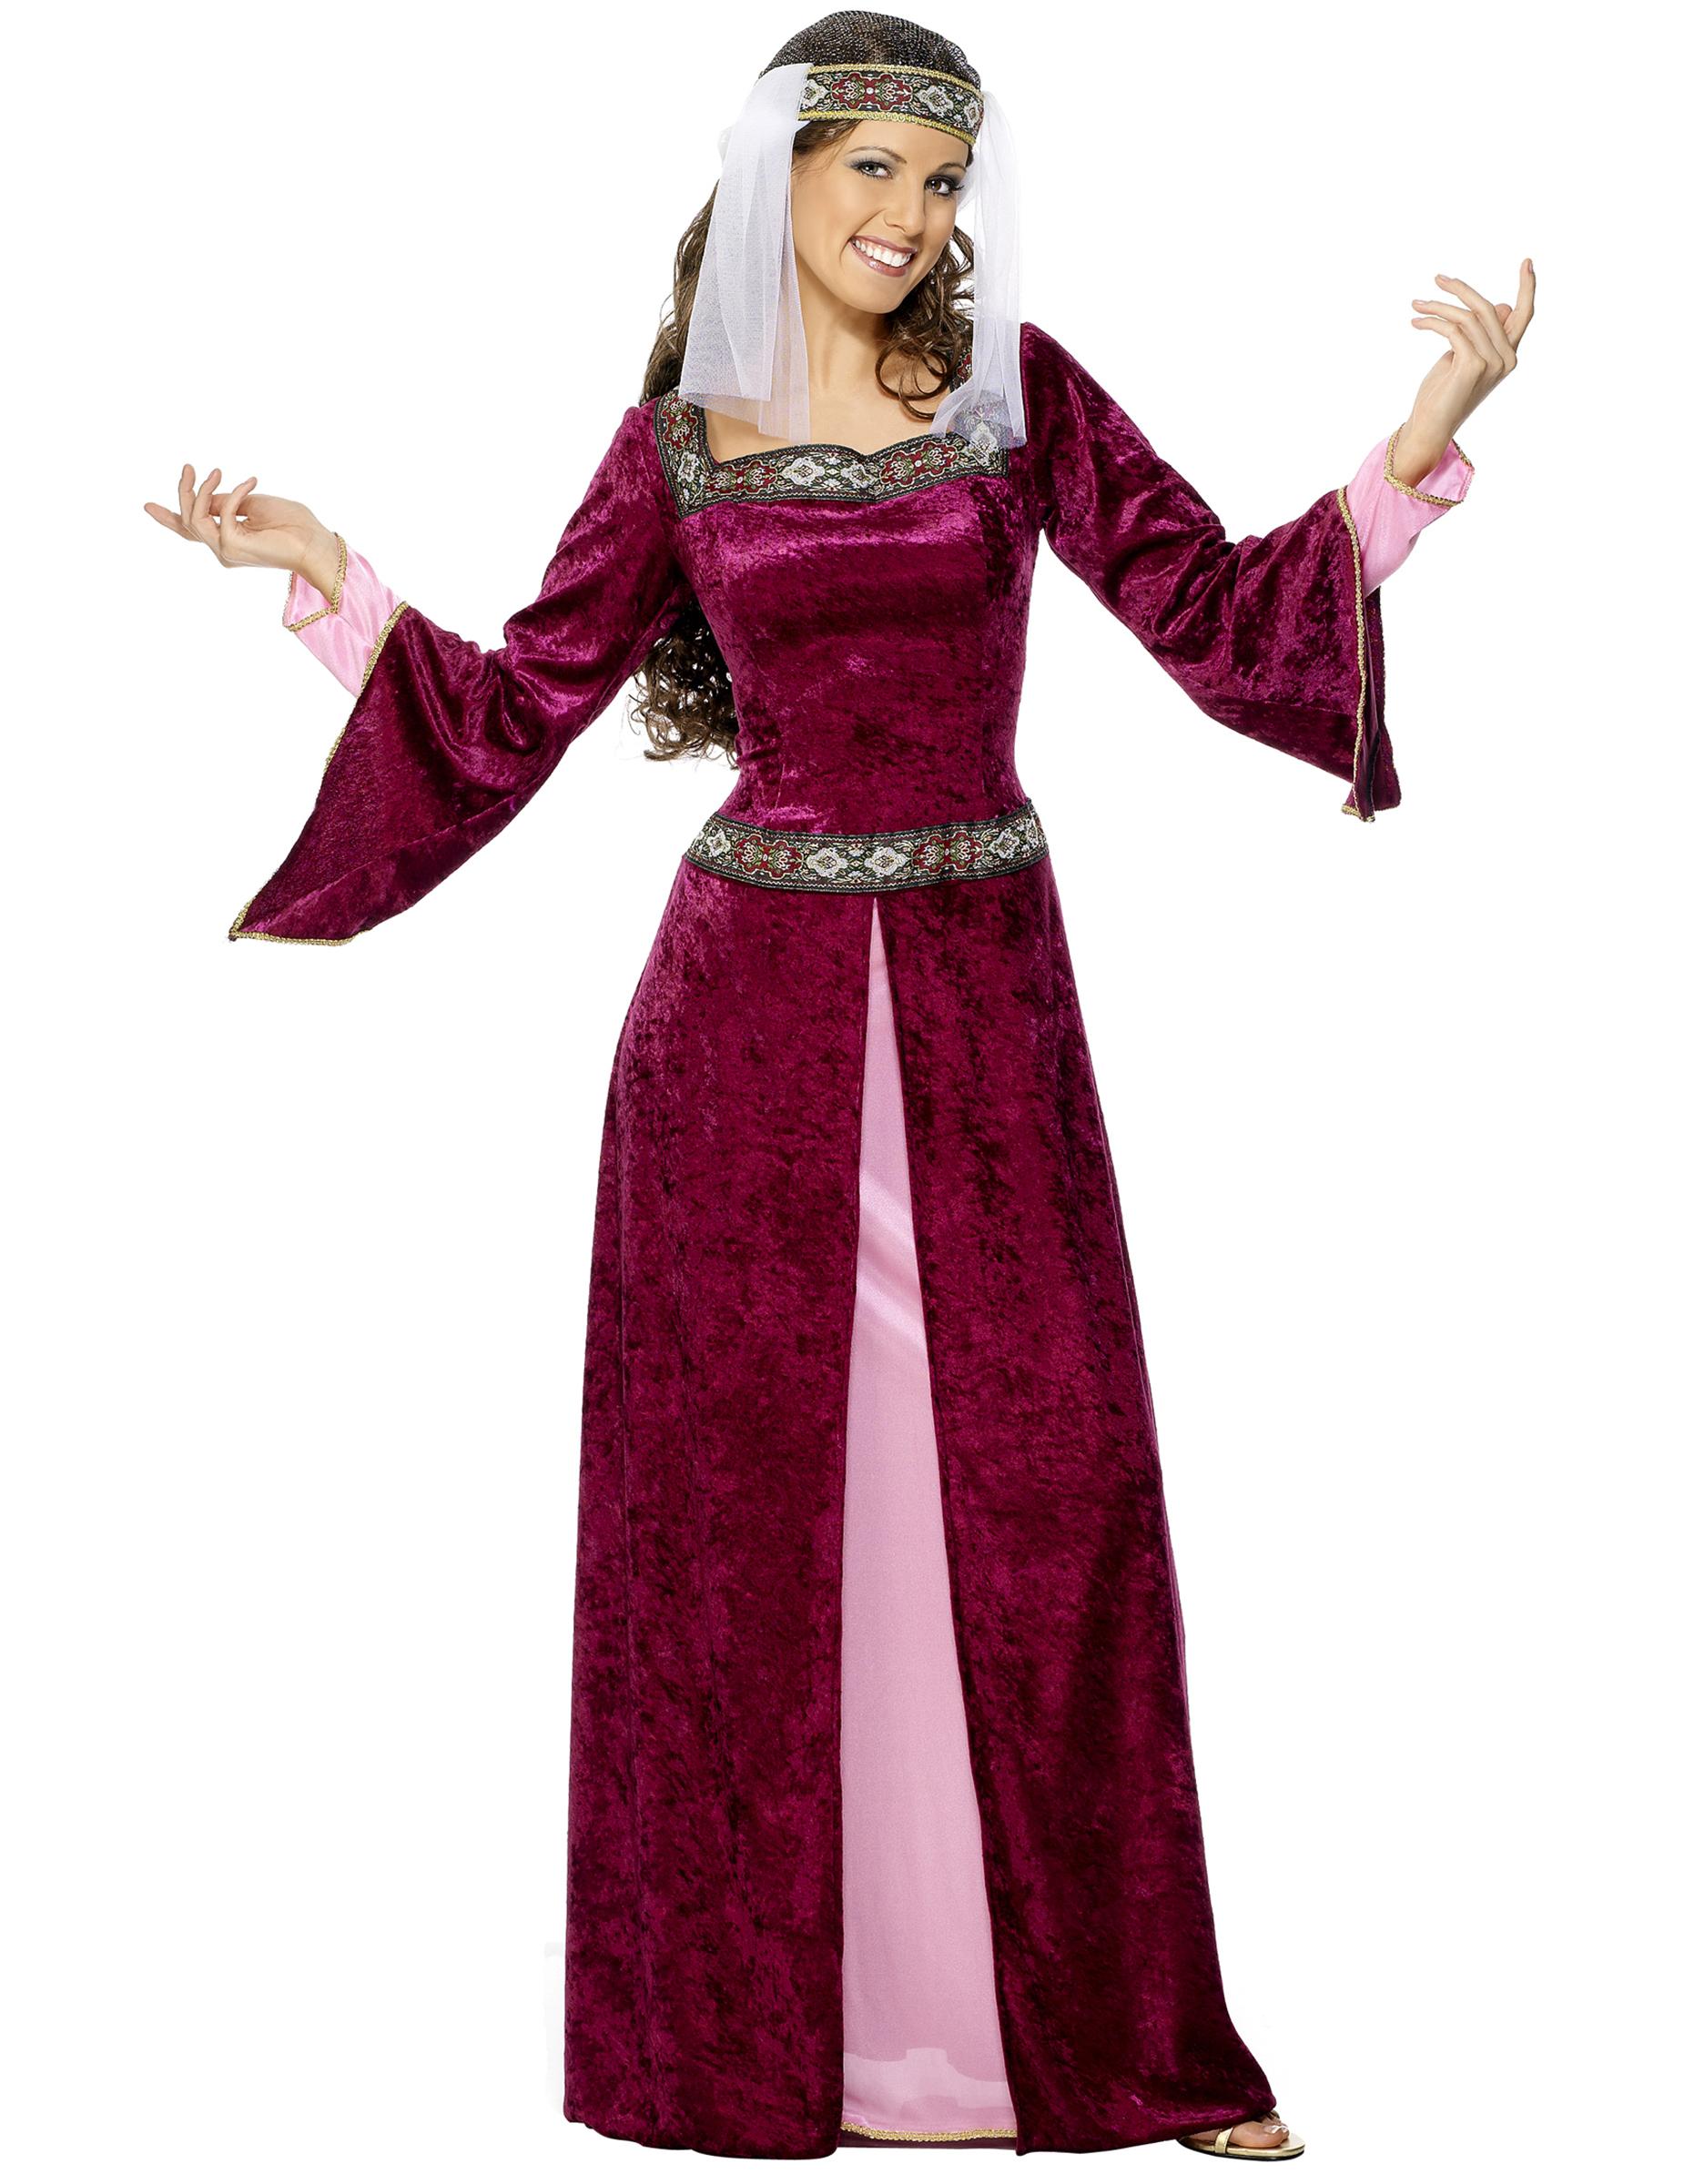 640e3937a Trajes y disfraces medievales baratos para mujer